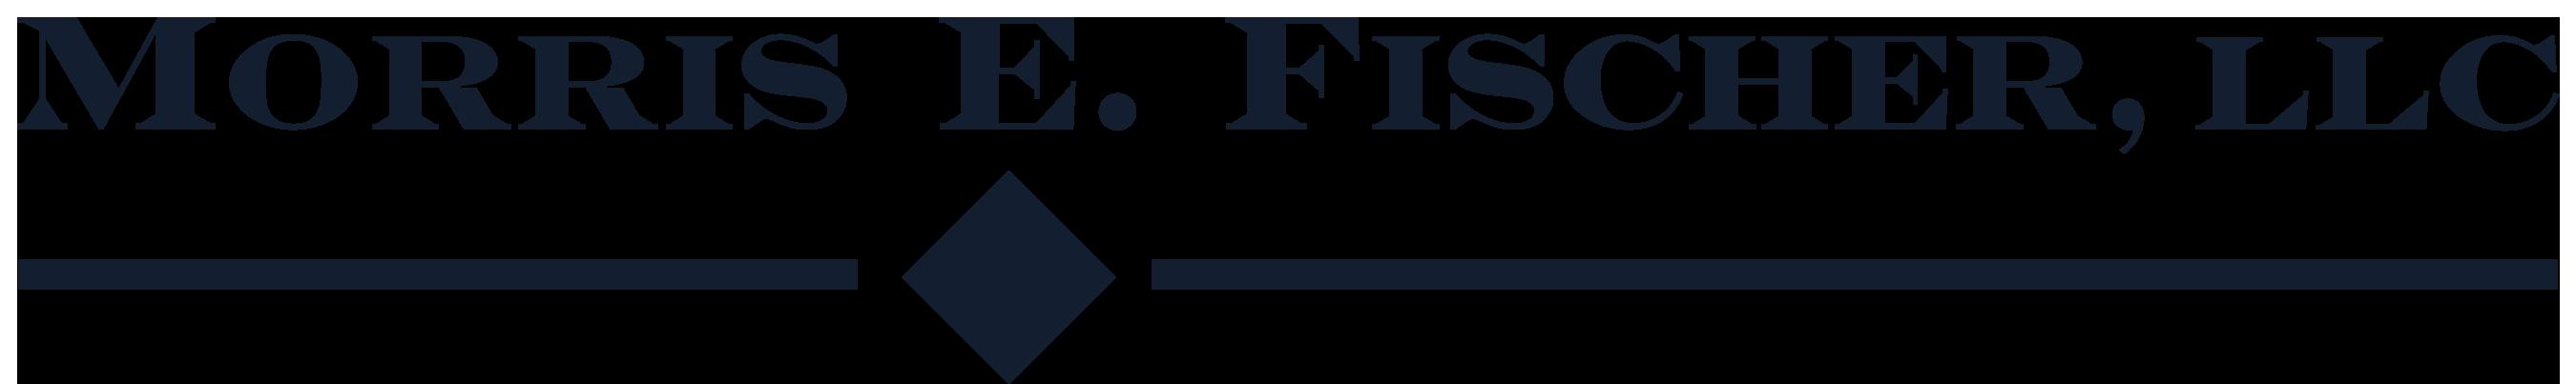 MorrisFischerLaw Logo